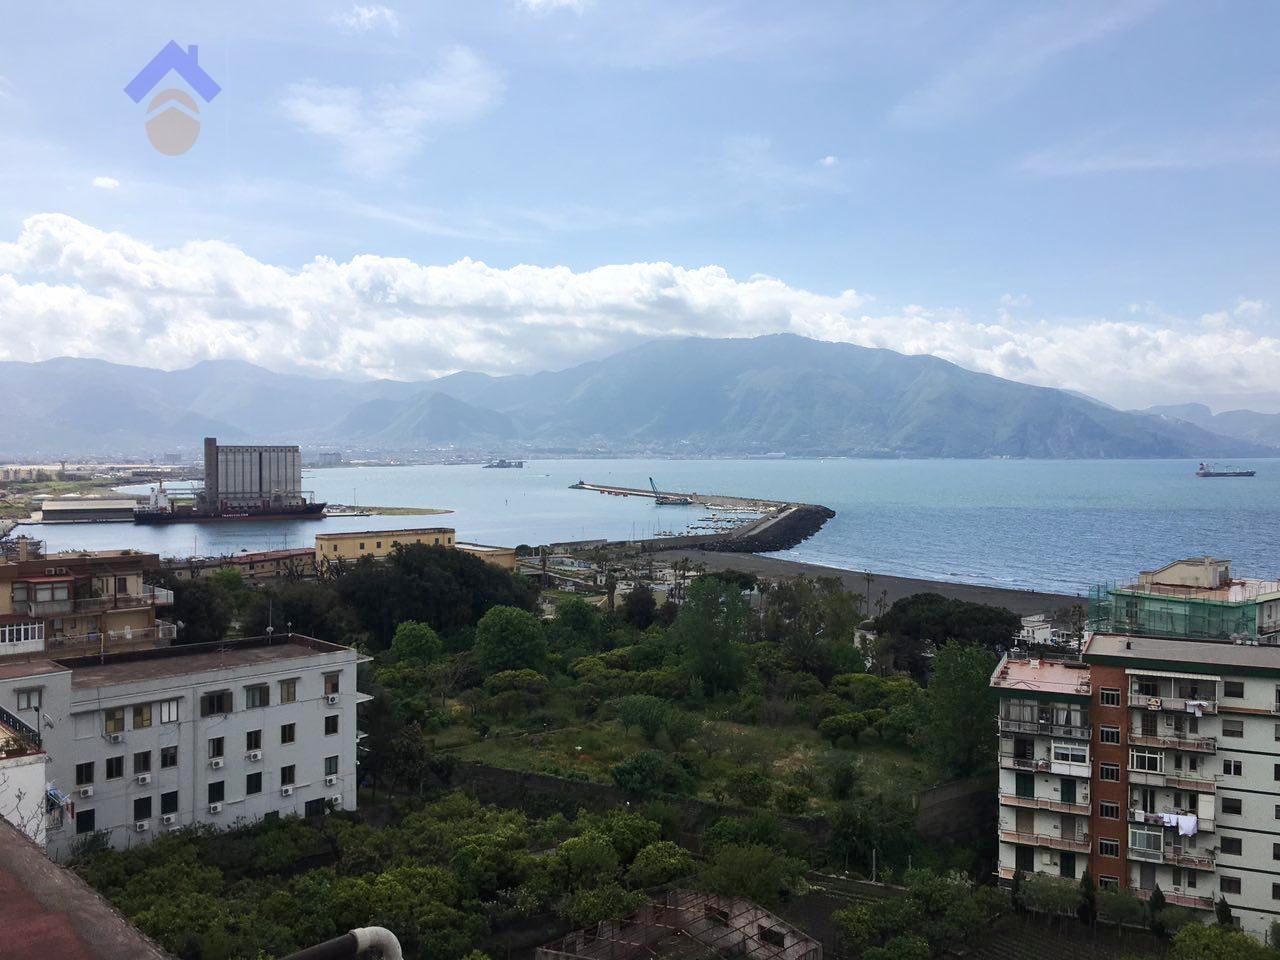 Appartamento in vendita a Torre Annunziata, 2 locali, zona Località: nord, prezzo € 140.000 | Cambio Casa.it